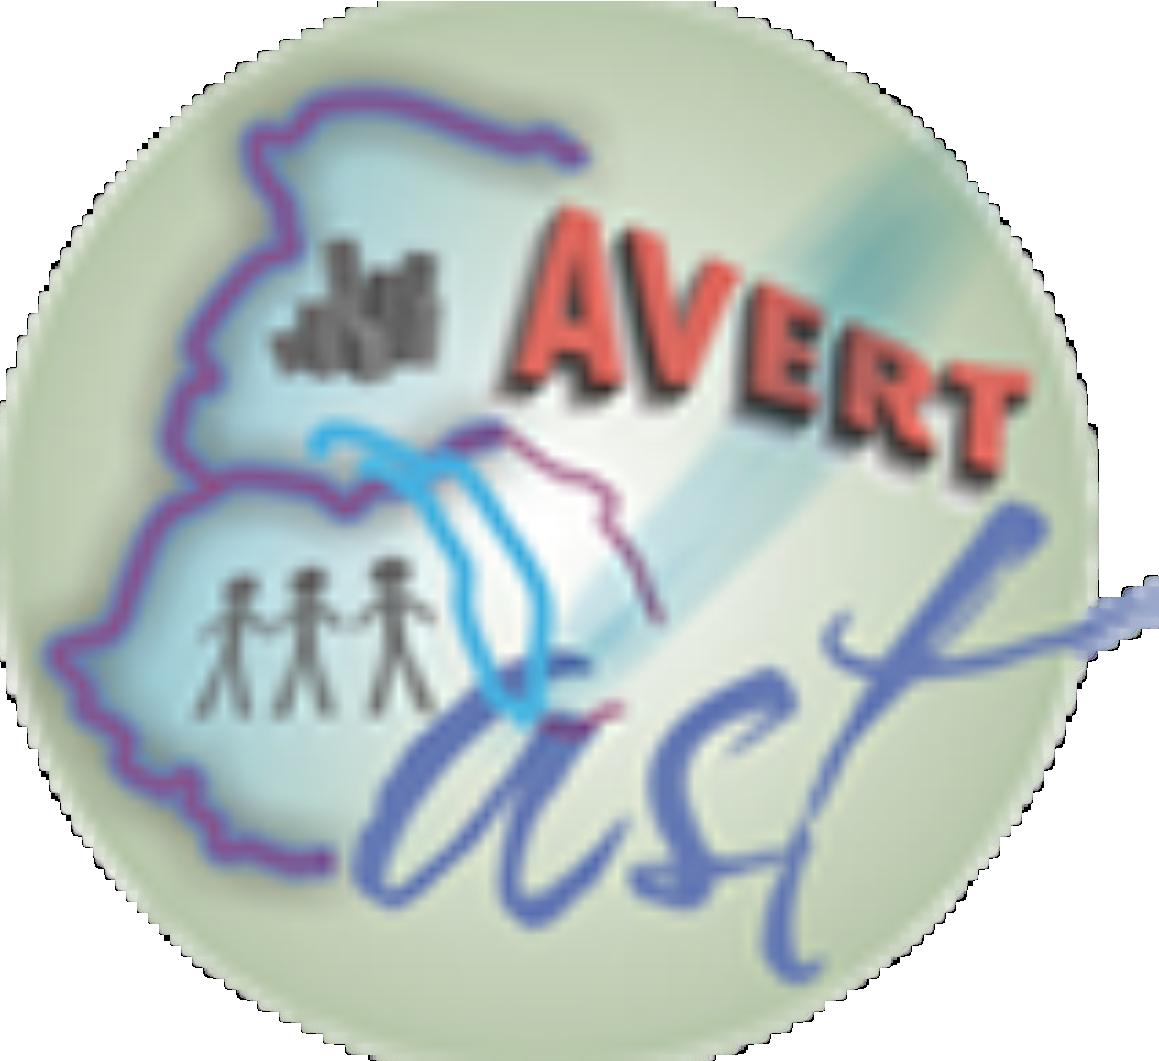 EastAvert